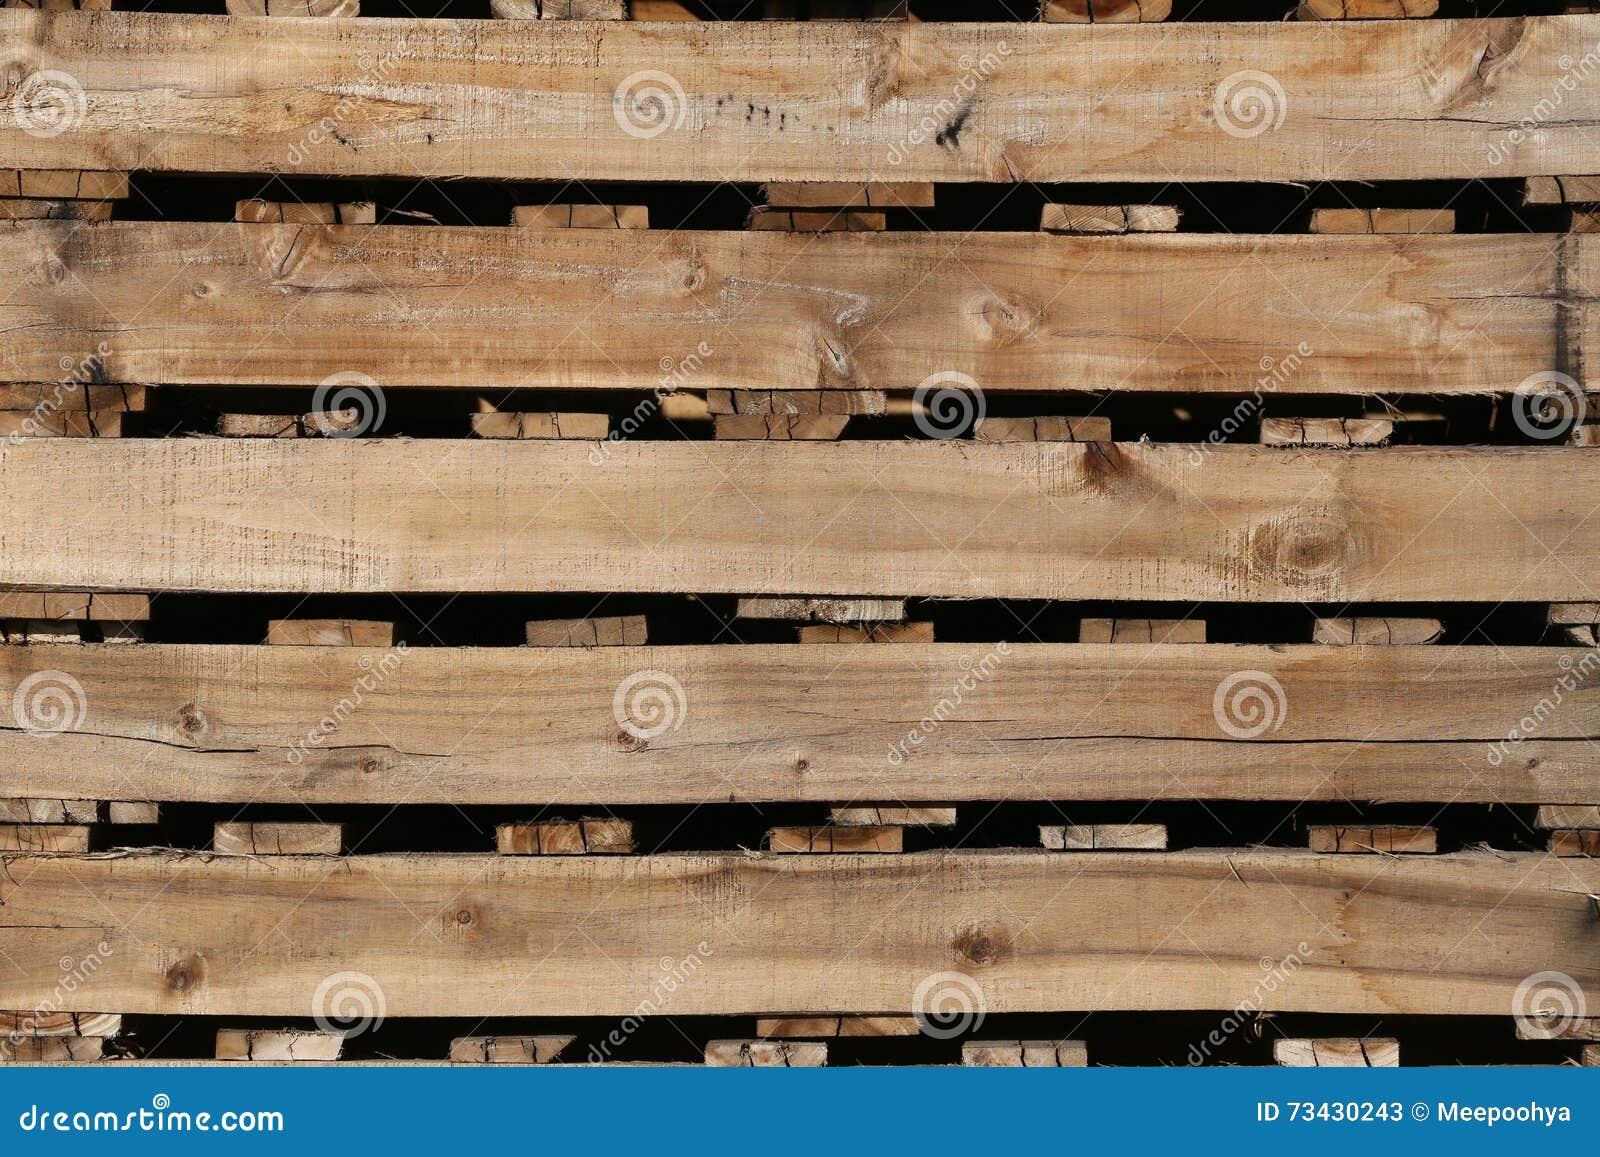 vieille texture en bois des palettes pour le fond image stock image 73430243. Black Bedroom Furniture Sets. Home Design Ideas